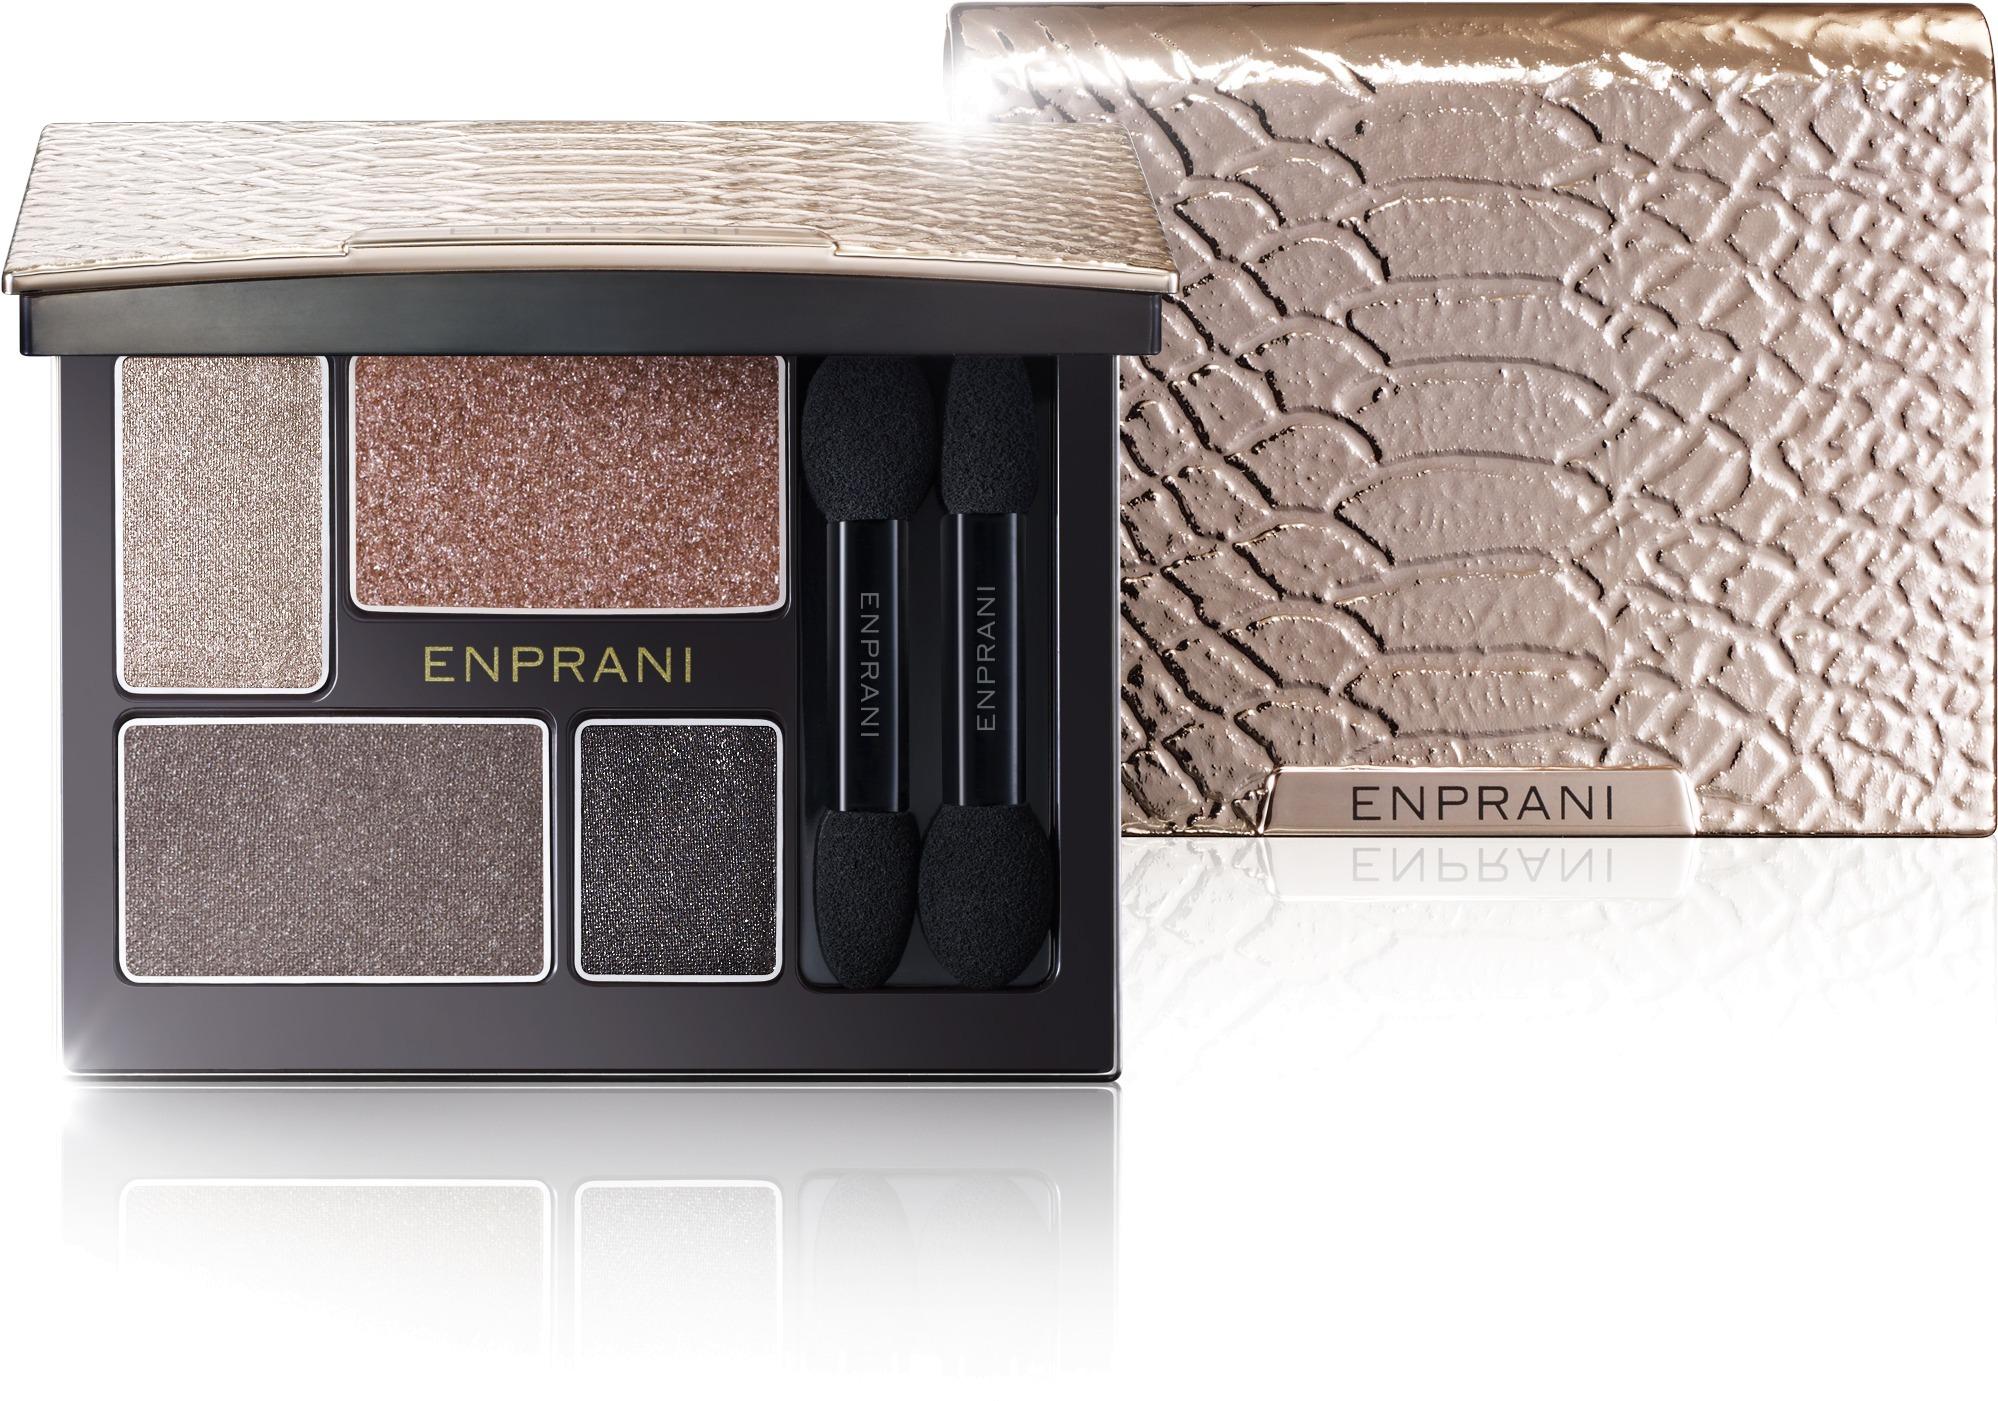 Enprani Delicate Luminous Clutch ShadowНежные оттенки теней для век производства Enprani помогут вам создать по-настоящему чувственный и изумительный макияж. В палетке четыре приятных оттенка, которые пригодятся для любого – вечернего или дневного образа. Цвета можно сочетать и смешивать, но они прекрасно будут смотреться и по отдельности. Замечательная текстура не позволяет им скатываться, осыпаться, поэтому они невероятно стойкие, наносятся невероятно легко. Кроме того, тени увлажняют веки, обеспечивая дополнительный уход за счет жемчуга с побережий Полинезии. Также этот компонент обеспечивает нежнейшее жемчужное сияние, которое выгодно подчеркивает блеск ваших глаз. Стильный футляр придется по вкусу ценительницам модных аксессуаров. Тени снабжены удобным зеркальцем и двумя двусторонними аппликаторами. Будьте красивы и великолепны каждый день, удивляйте и восхищайте окружающих!Объём: 5,5 гСпособ применения:Нанести тени на поверхность века.<br>